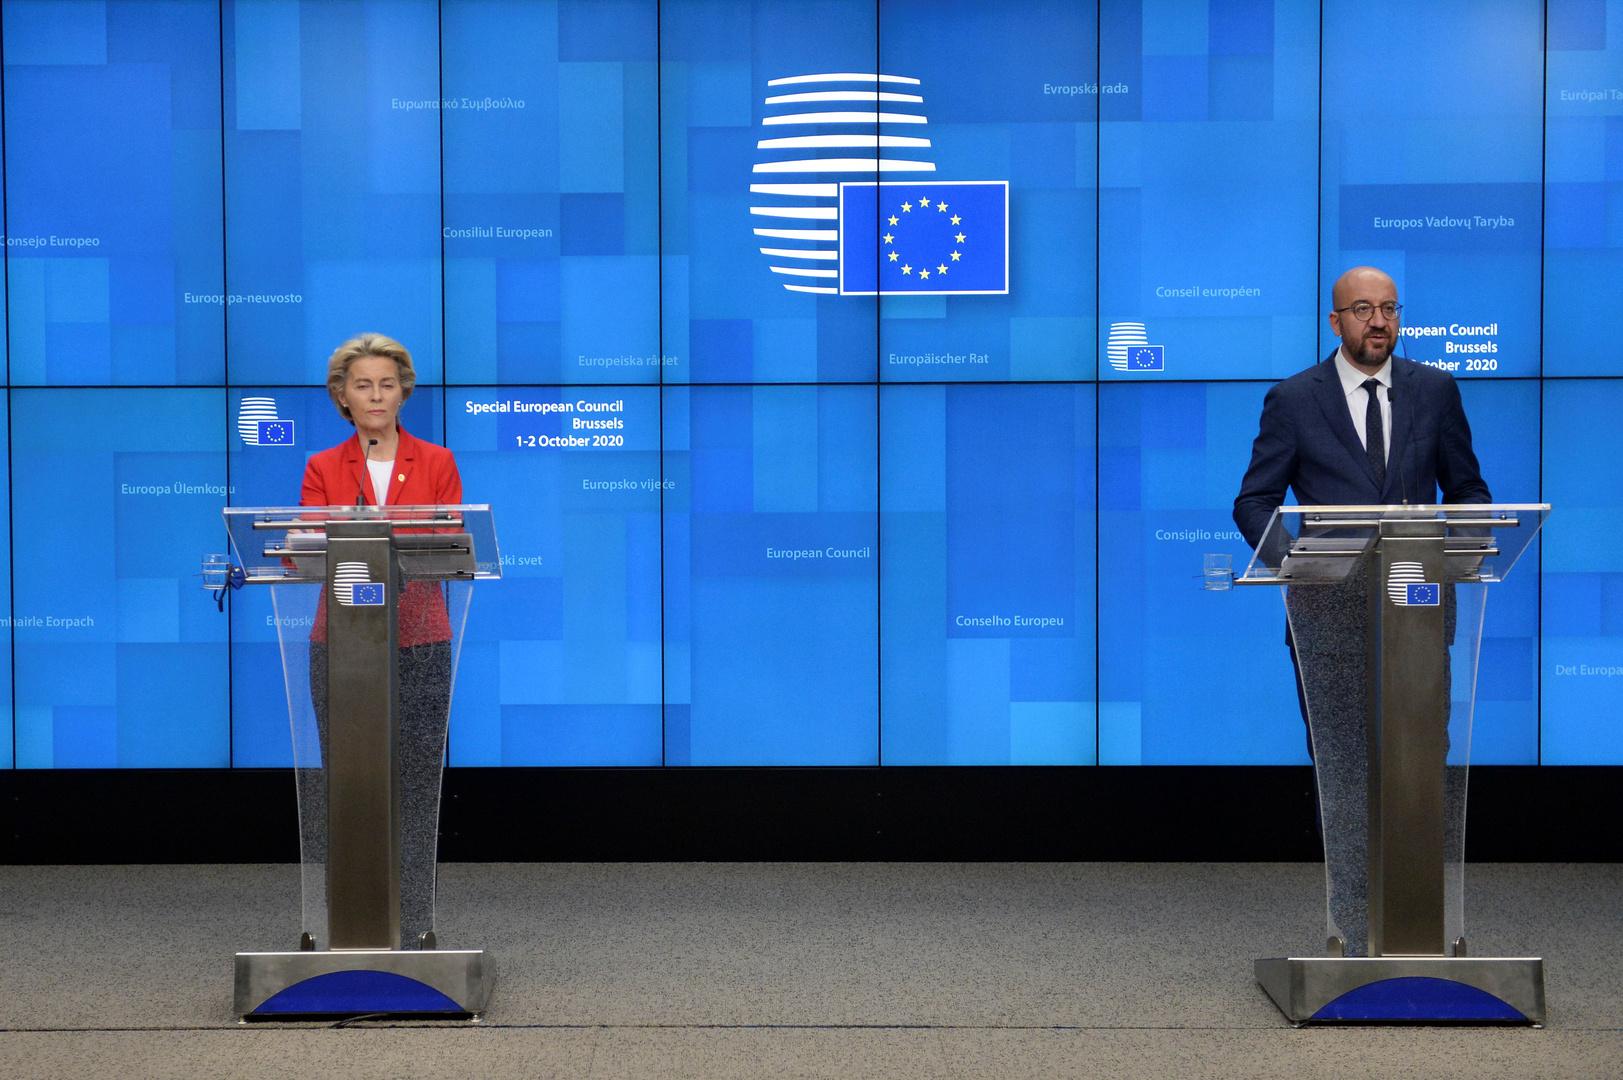 الاتحاد الأوروبي يهدد تركيا بعقوبات بسبب